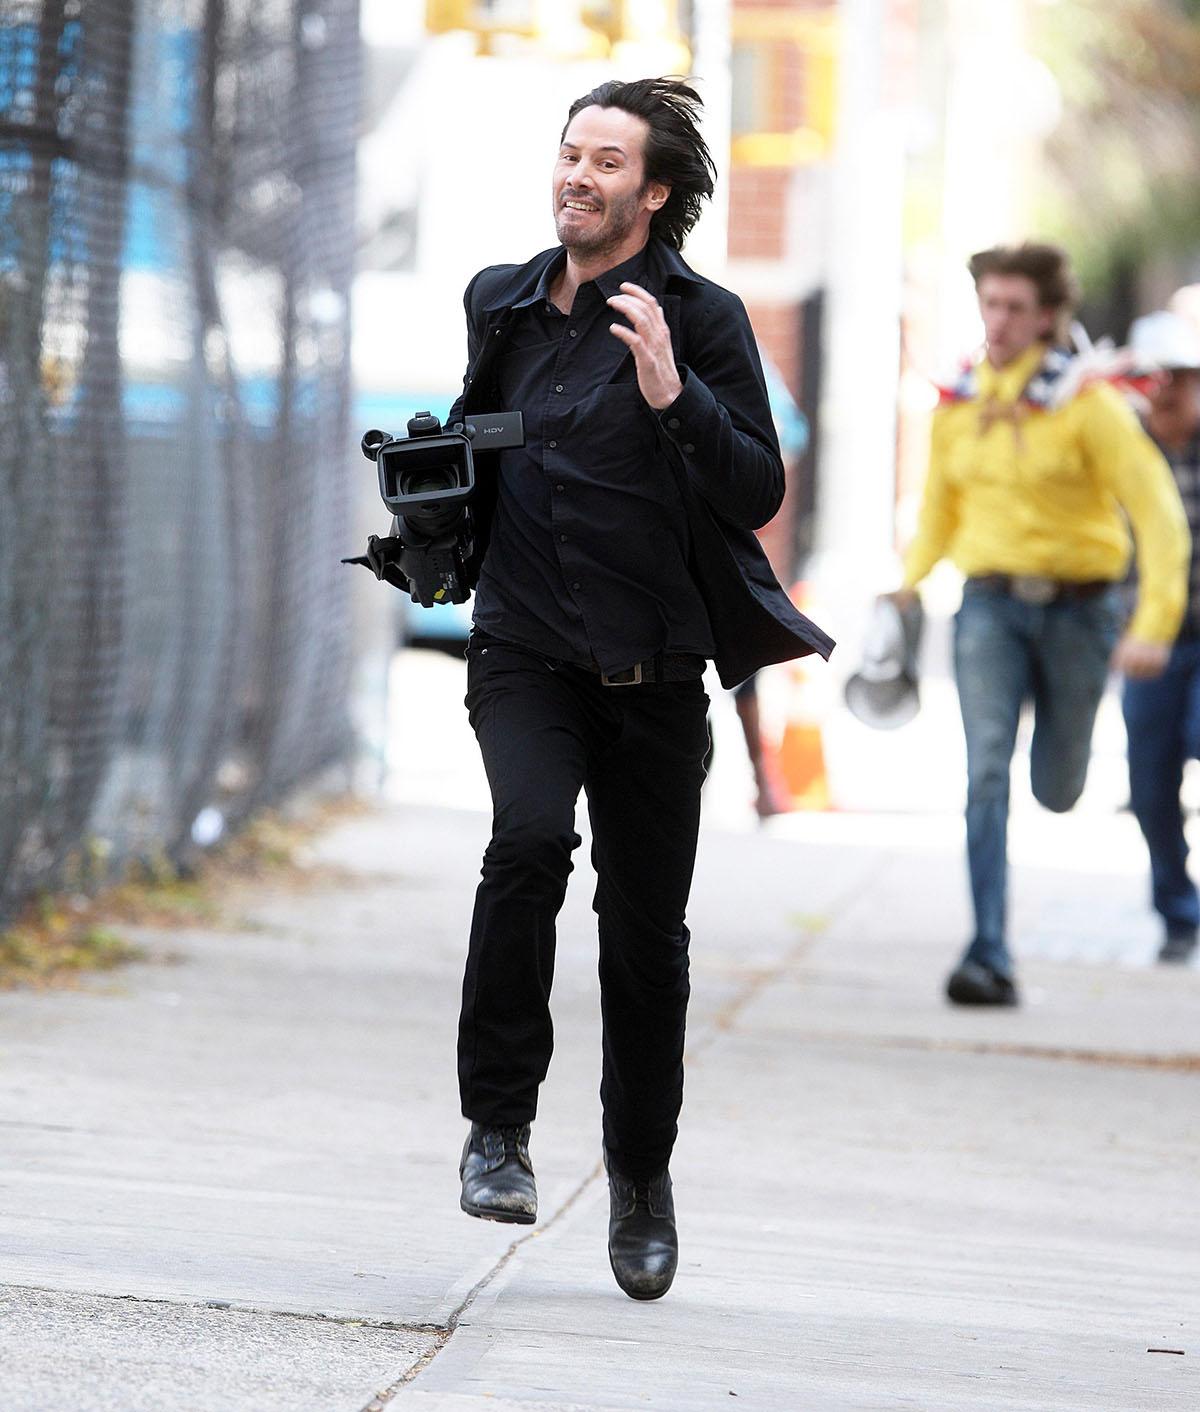 Киану Ривз убегает от папарацци с камерой, которую у них стащил